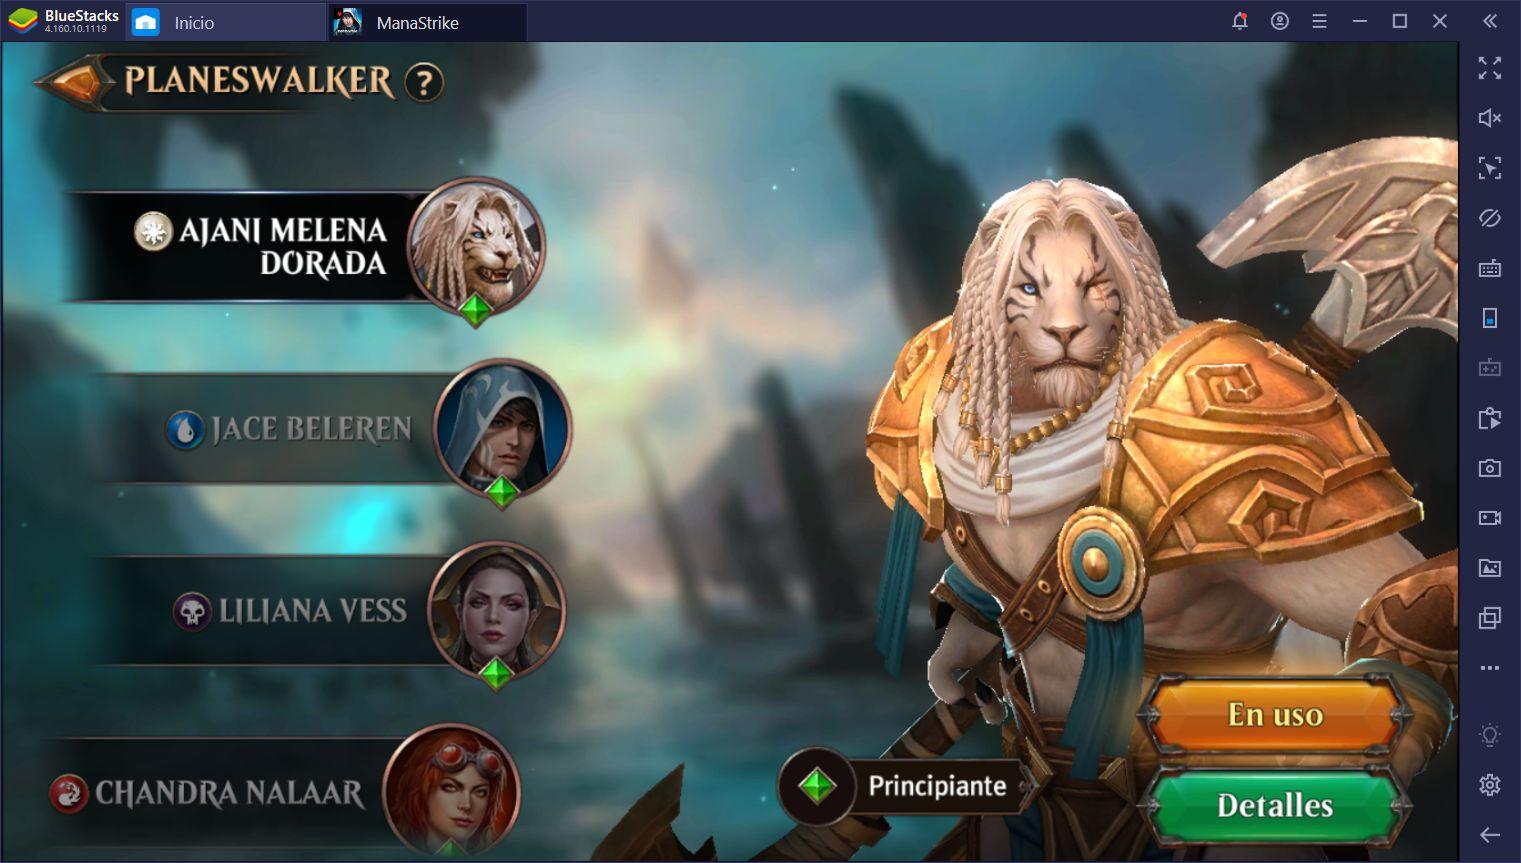 Magic: ManaStrike – El Juego de Estrategia de la Misma Gente Detrás de Magic: The Gathering